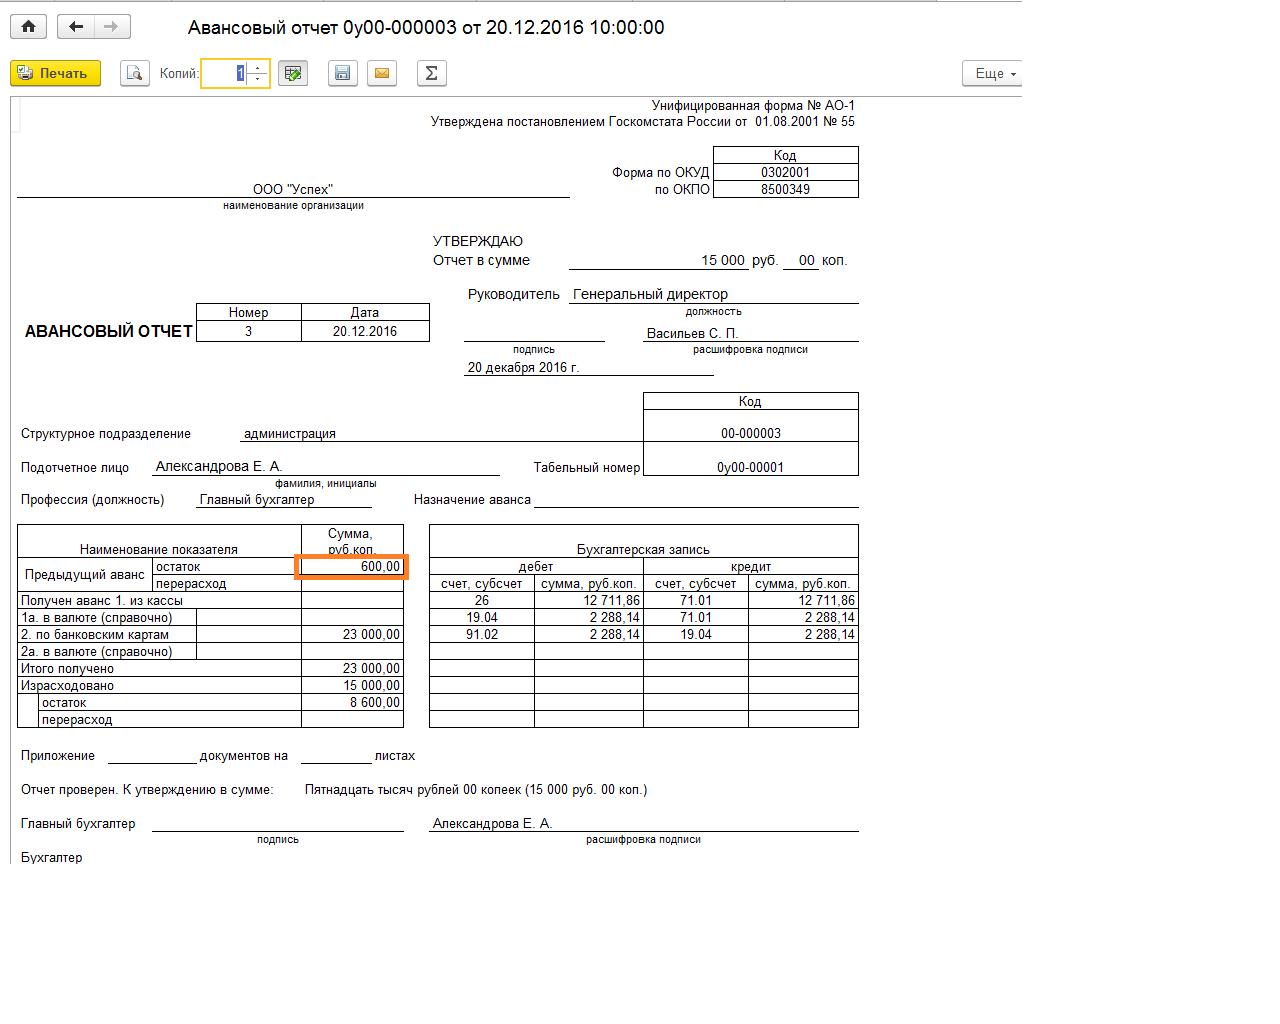 Как сделать авансовый отчет в 1с 8.3 в валюте